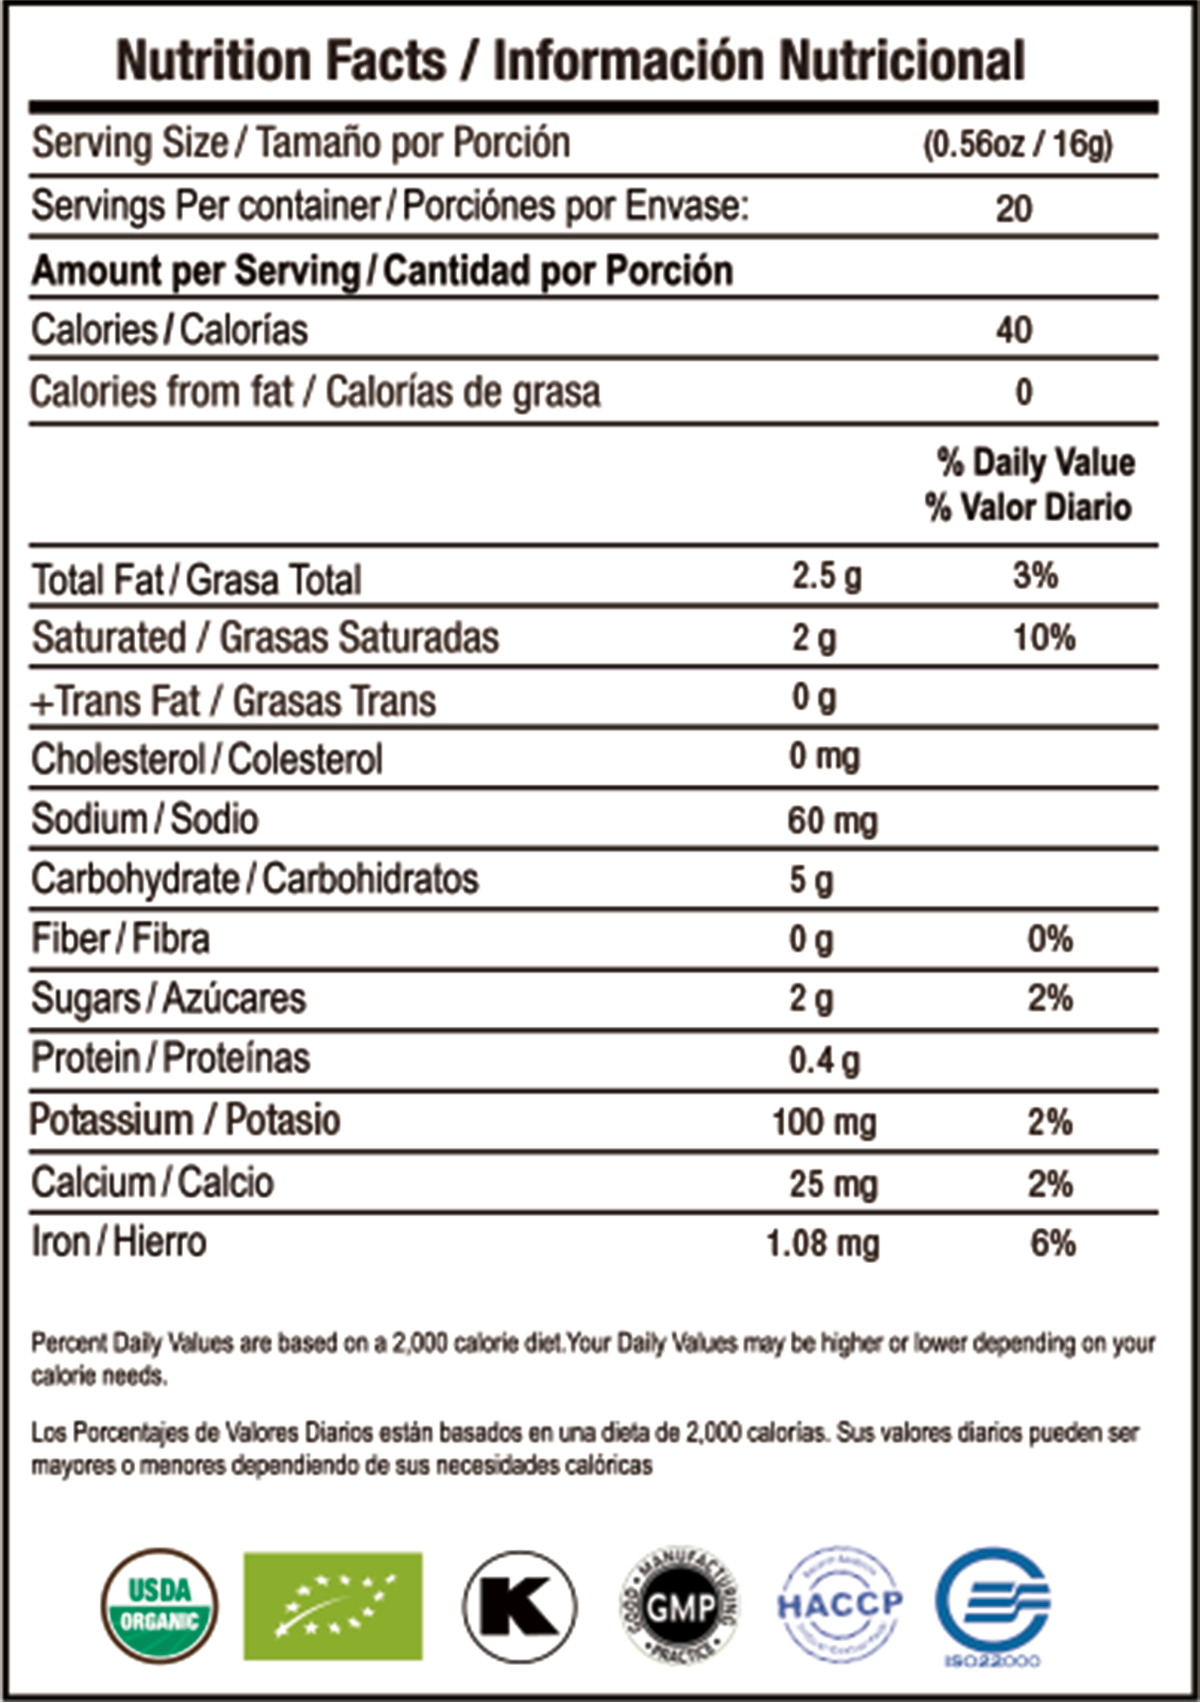 Latte Dorado nutrition facts